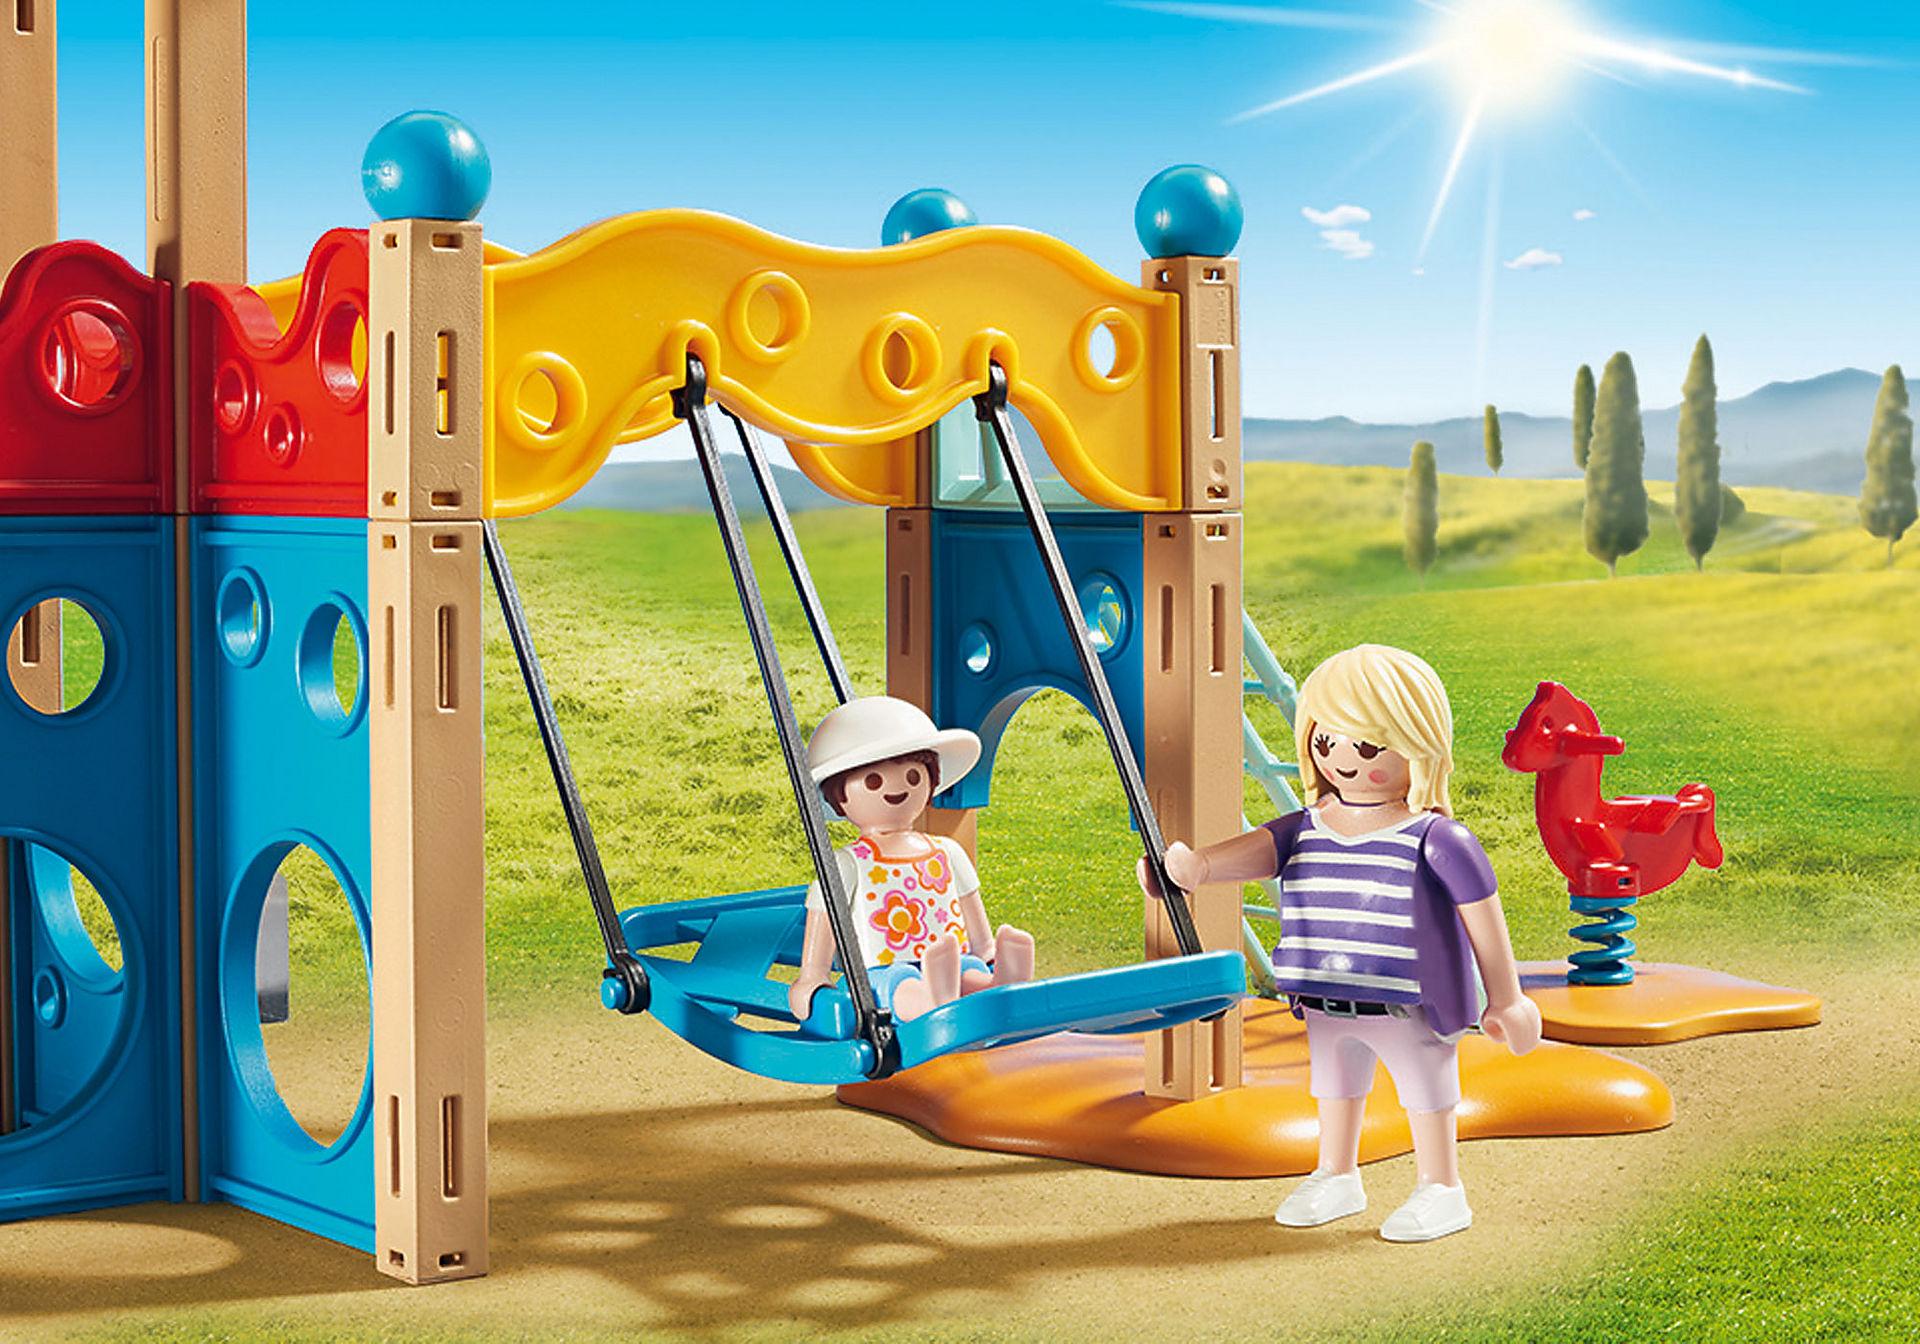 9423 Parco giochi dei bambini zoom image7